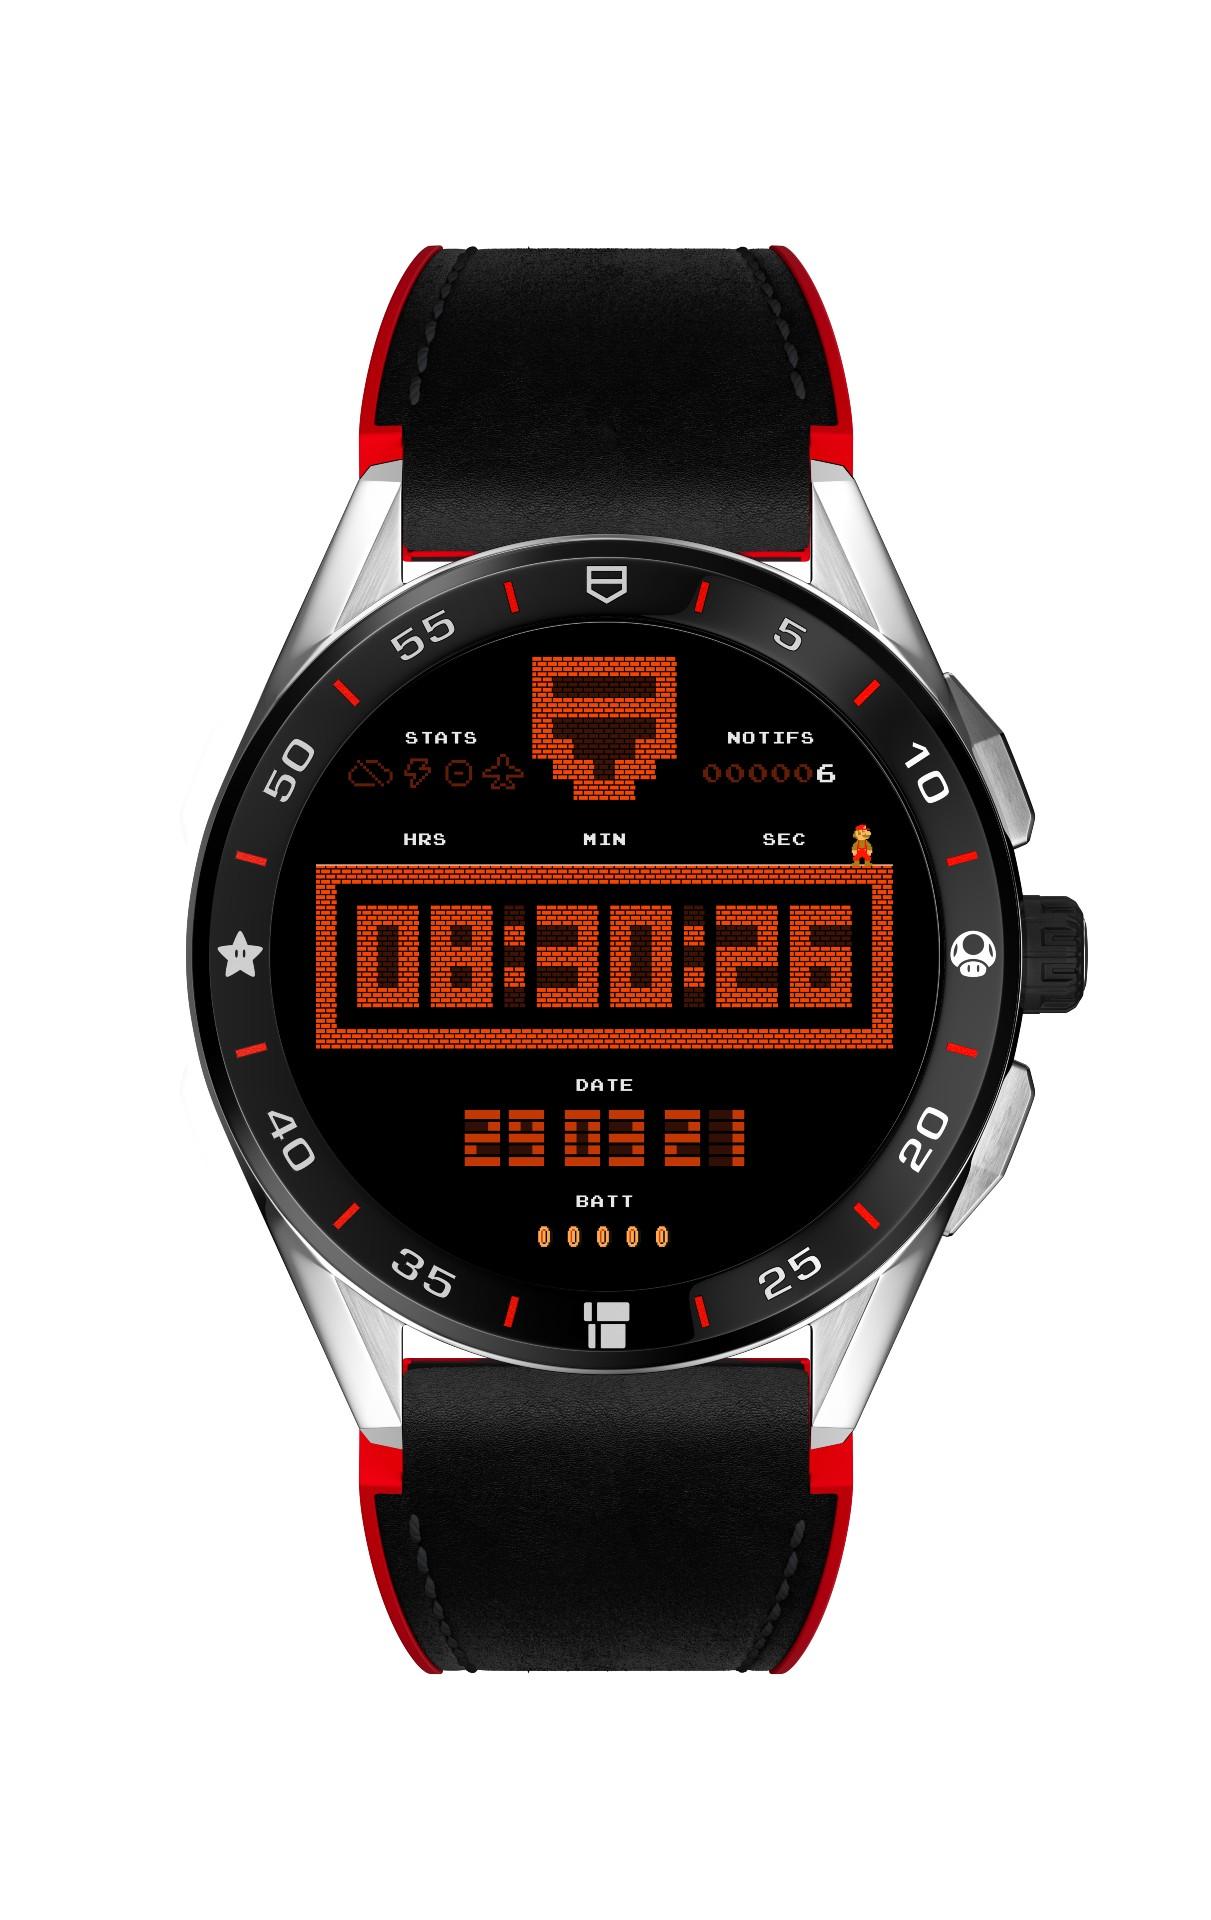 SBG8A13.EB0238 SOLDAT TIMEKEEPING